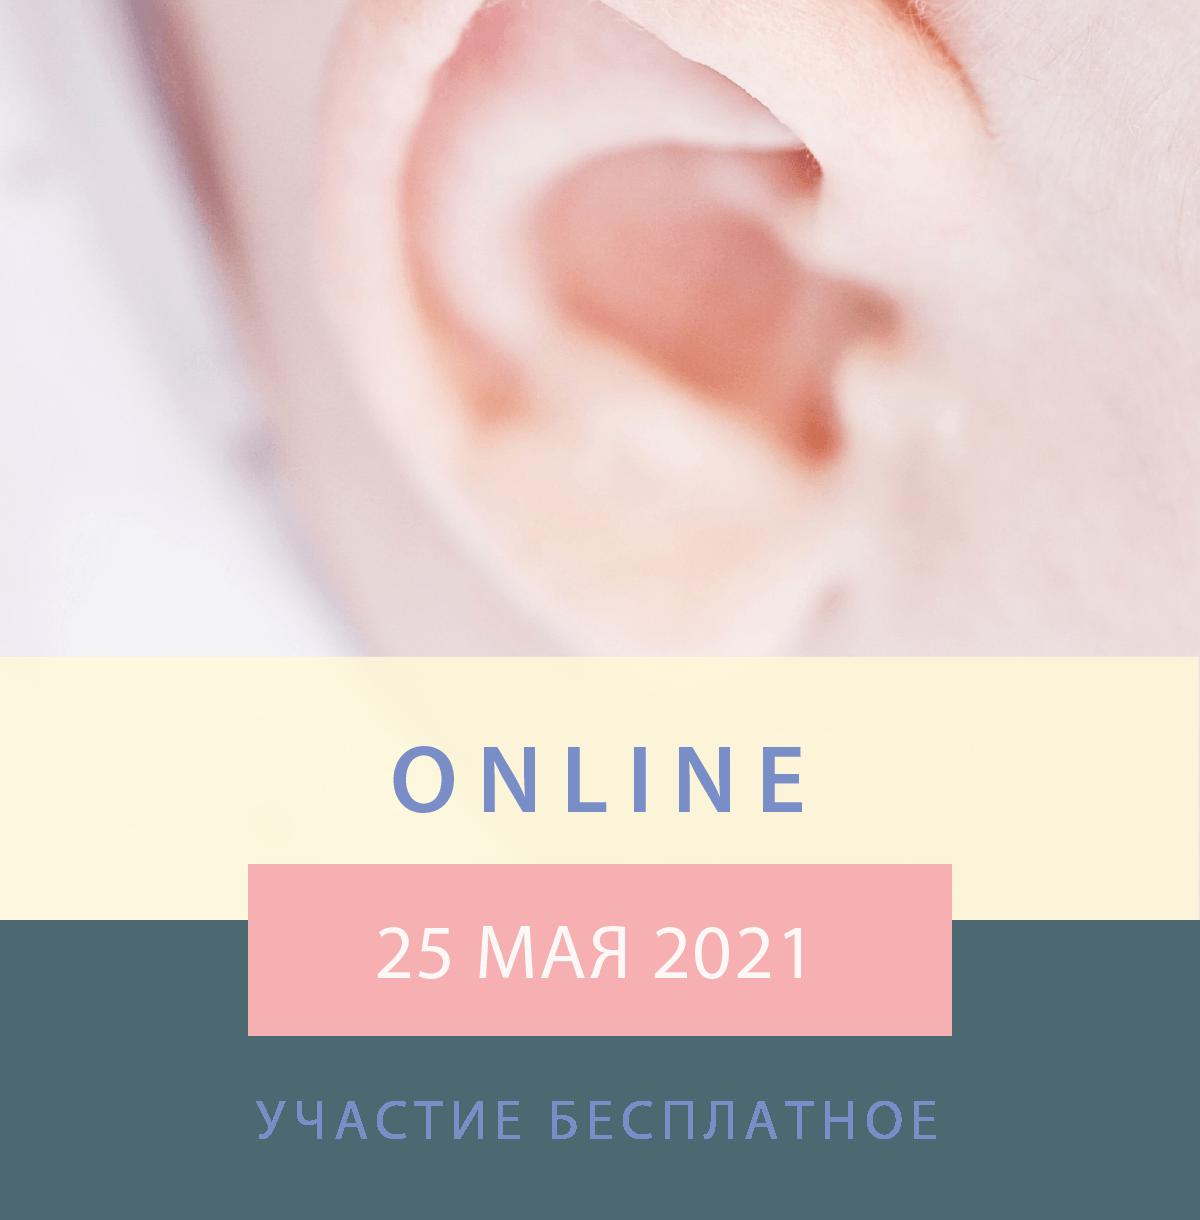 Современные подходы к репродуктивным технологиям Онлайн. 25.05.2021